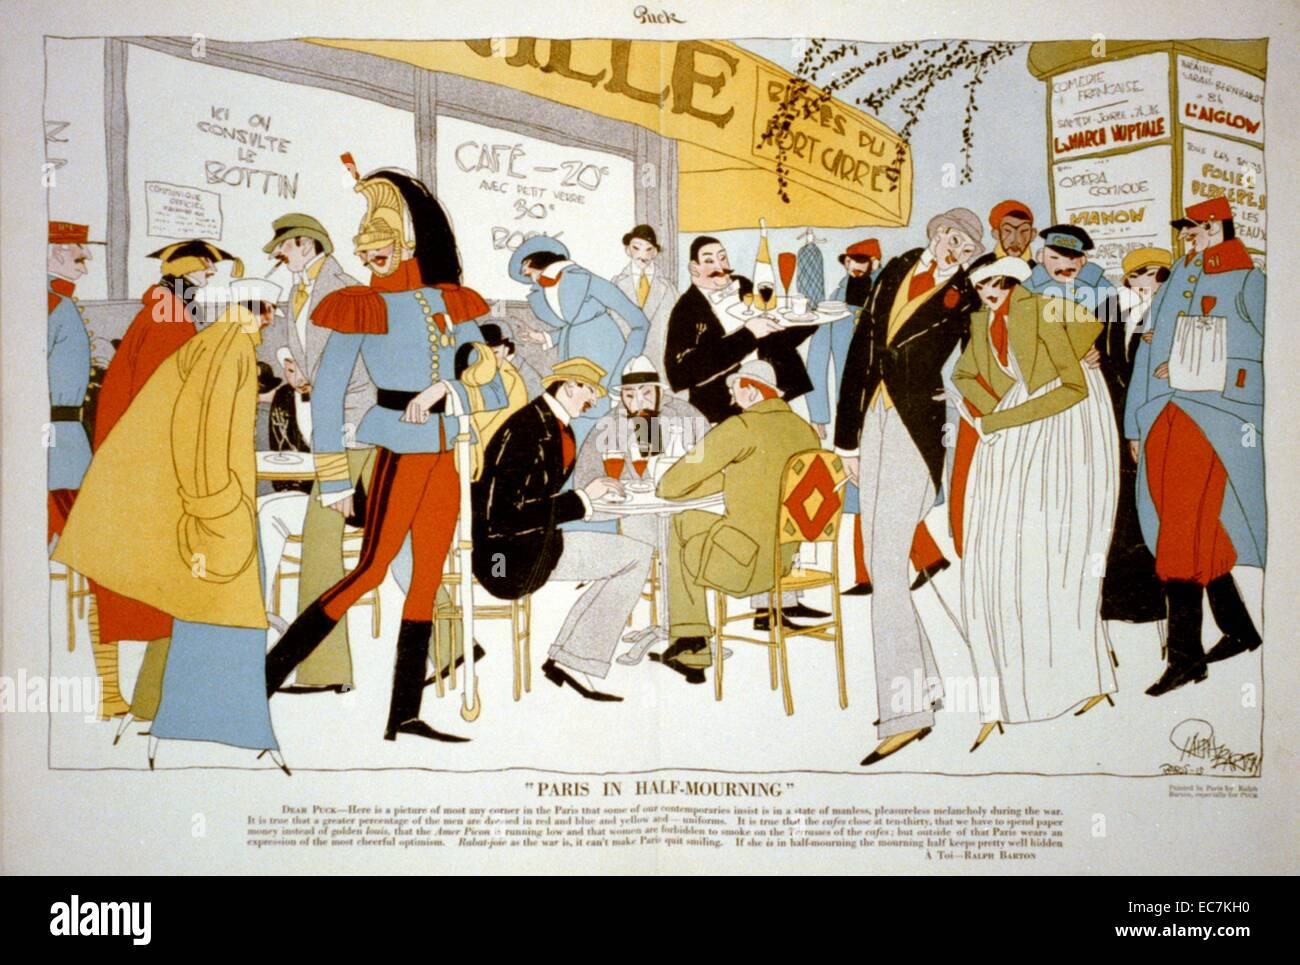 París en medio luto. Caricatura de moda vestidos de moda vestidos de soldados y otras personas en un café al aire Foto de stock